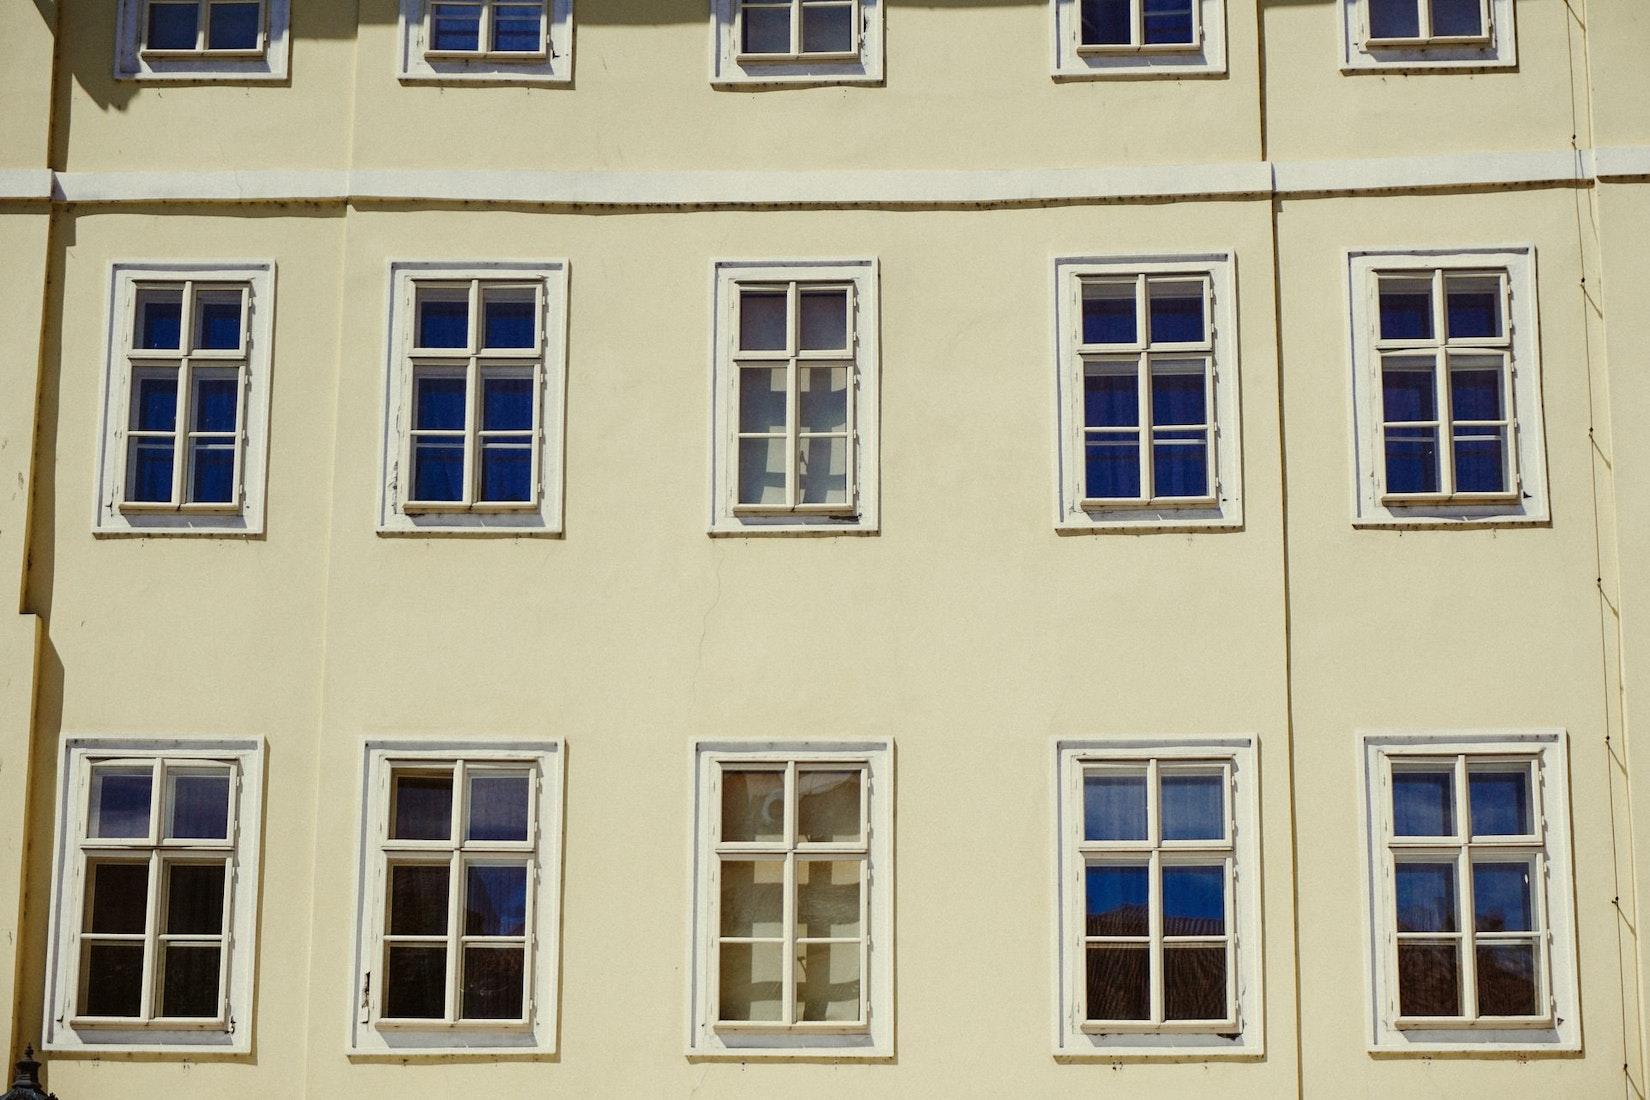 Montpelier & Prague: Behind the Half #3